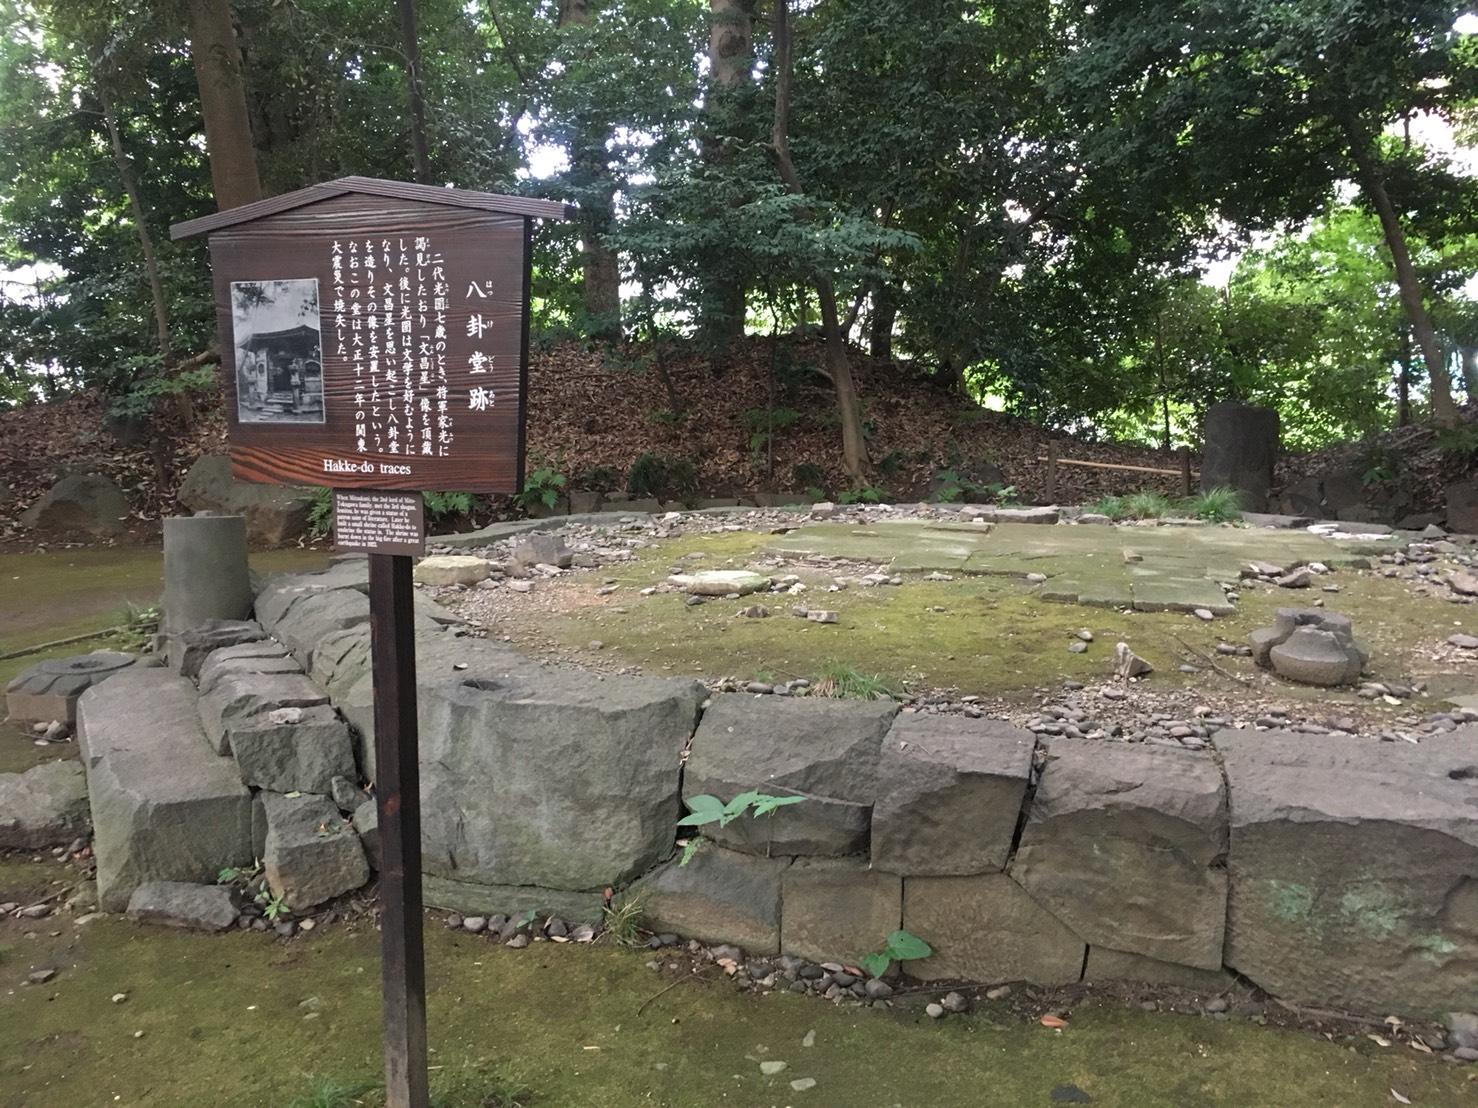 【飯田橋駅】江戸時代の中国趣味豊かな景観で一句「小石川後楽園」の八卦堂跡